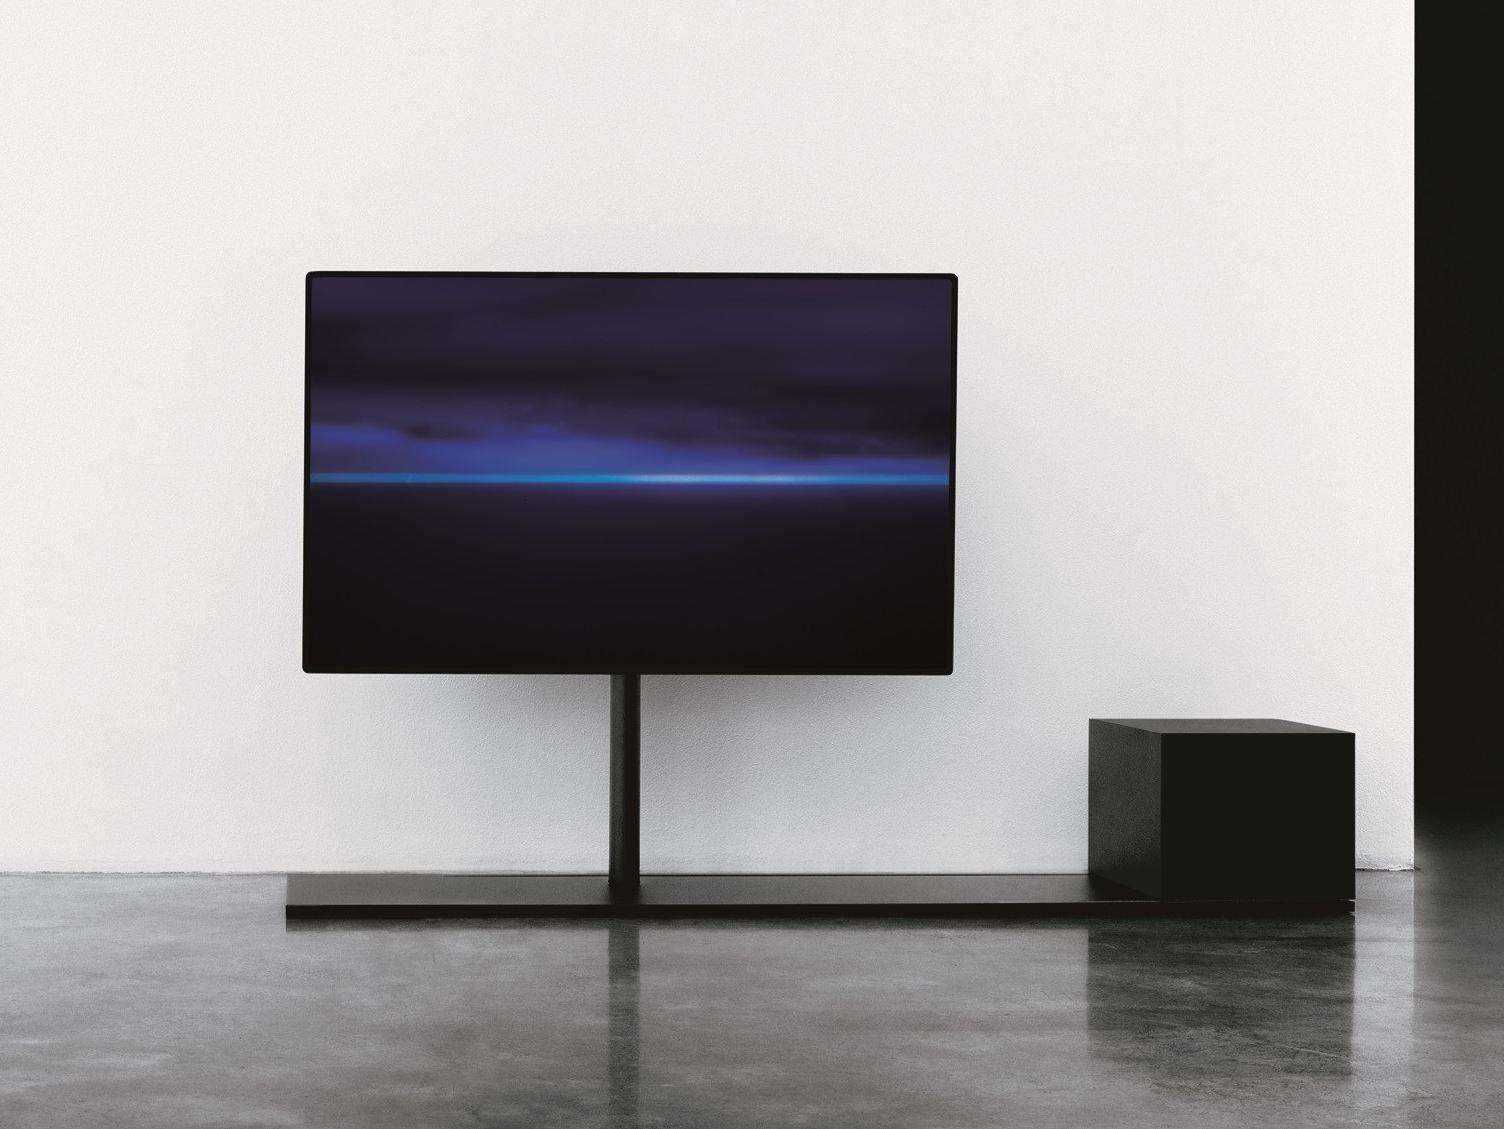 Design Swivel Metal Tv Cabinet Sail Sail Collection By Desalto Design Caronni Bonanomi Architetti Associati Lcd Unit Design Wall Mounted Tv Lcd Units